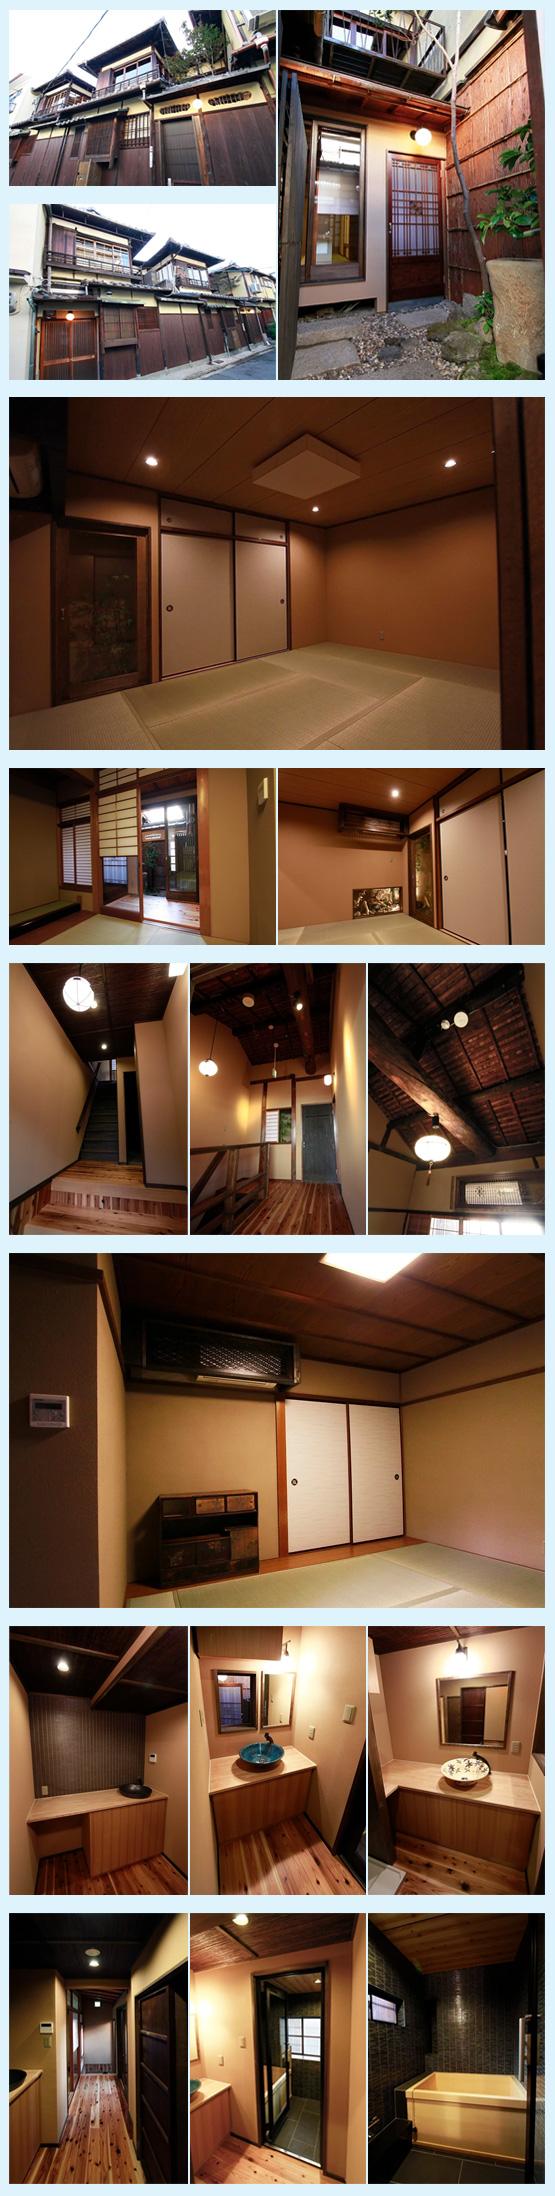 オフィス・ホテル・スクール・ジム 内装デザイン事例53